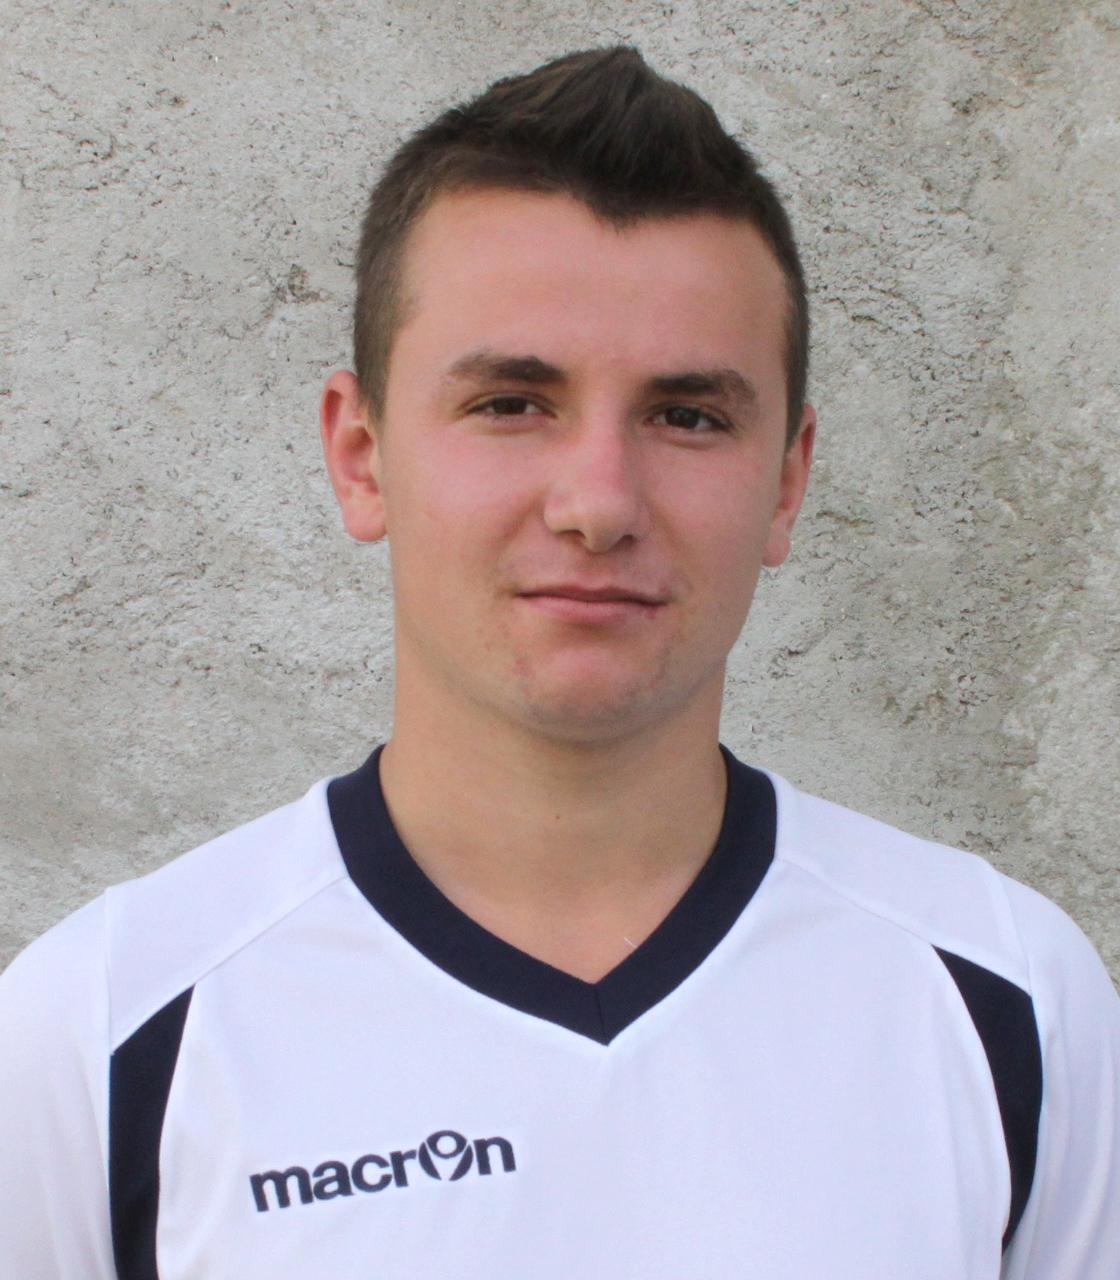 Vasile Ionut Alexandru